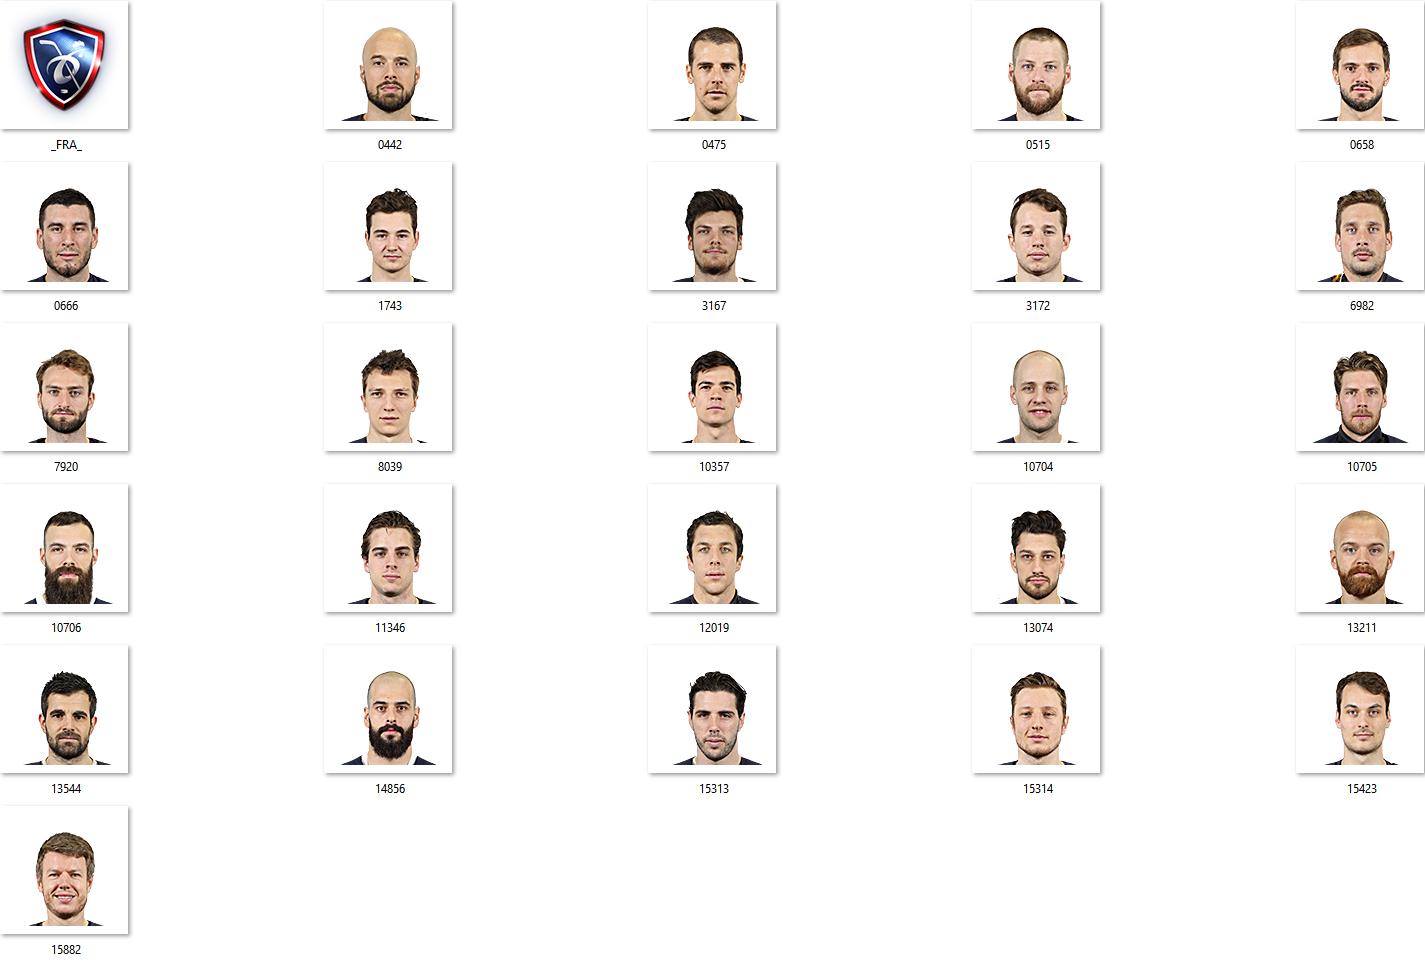 IIHF 2018 FRA Facepack